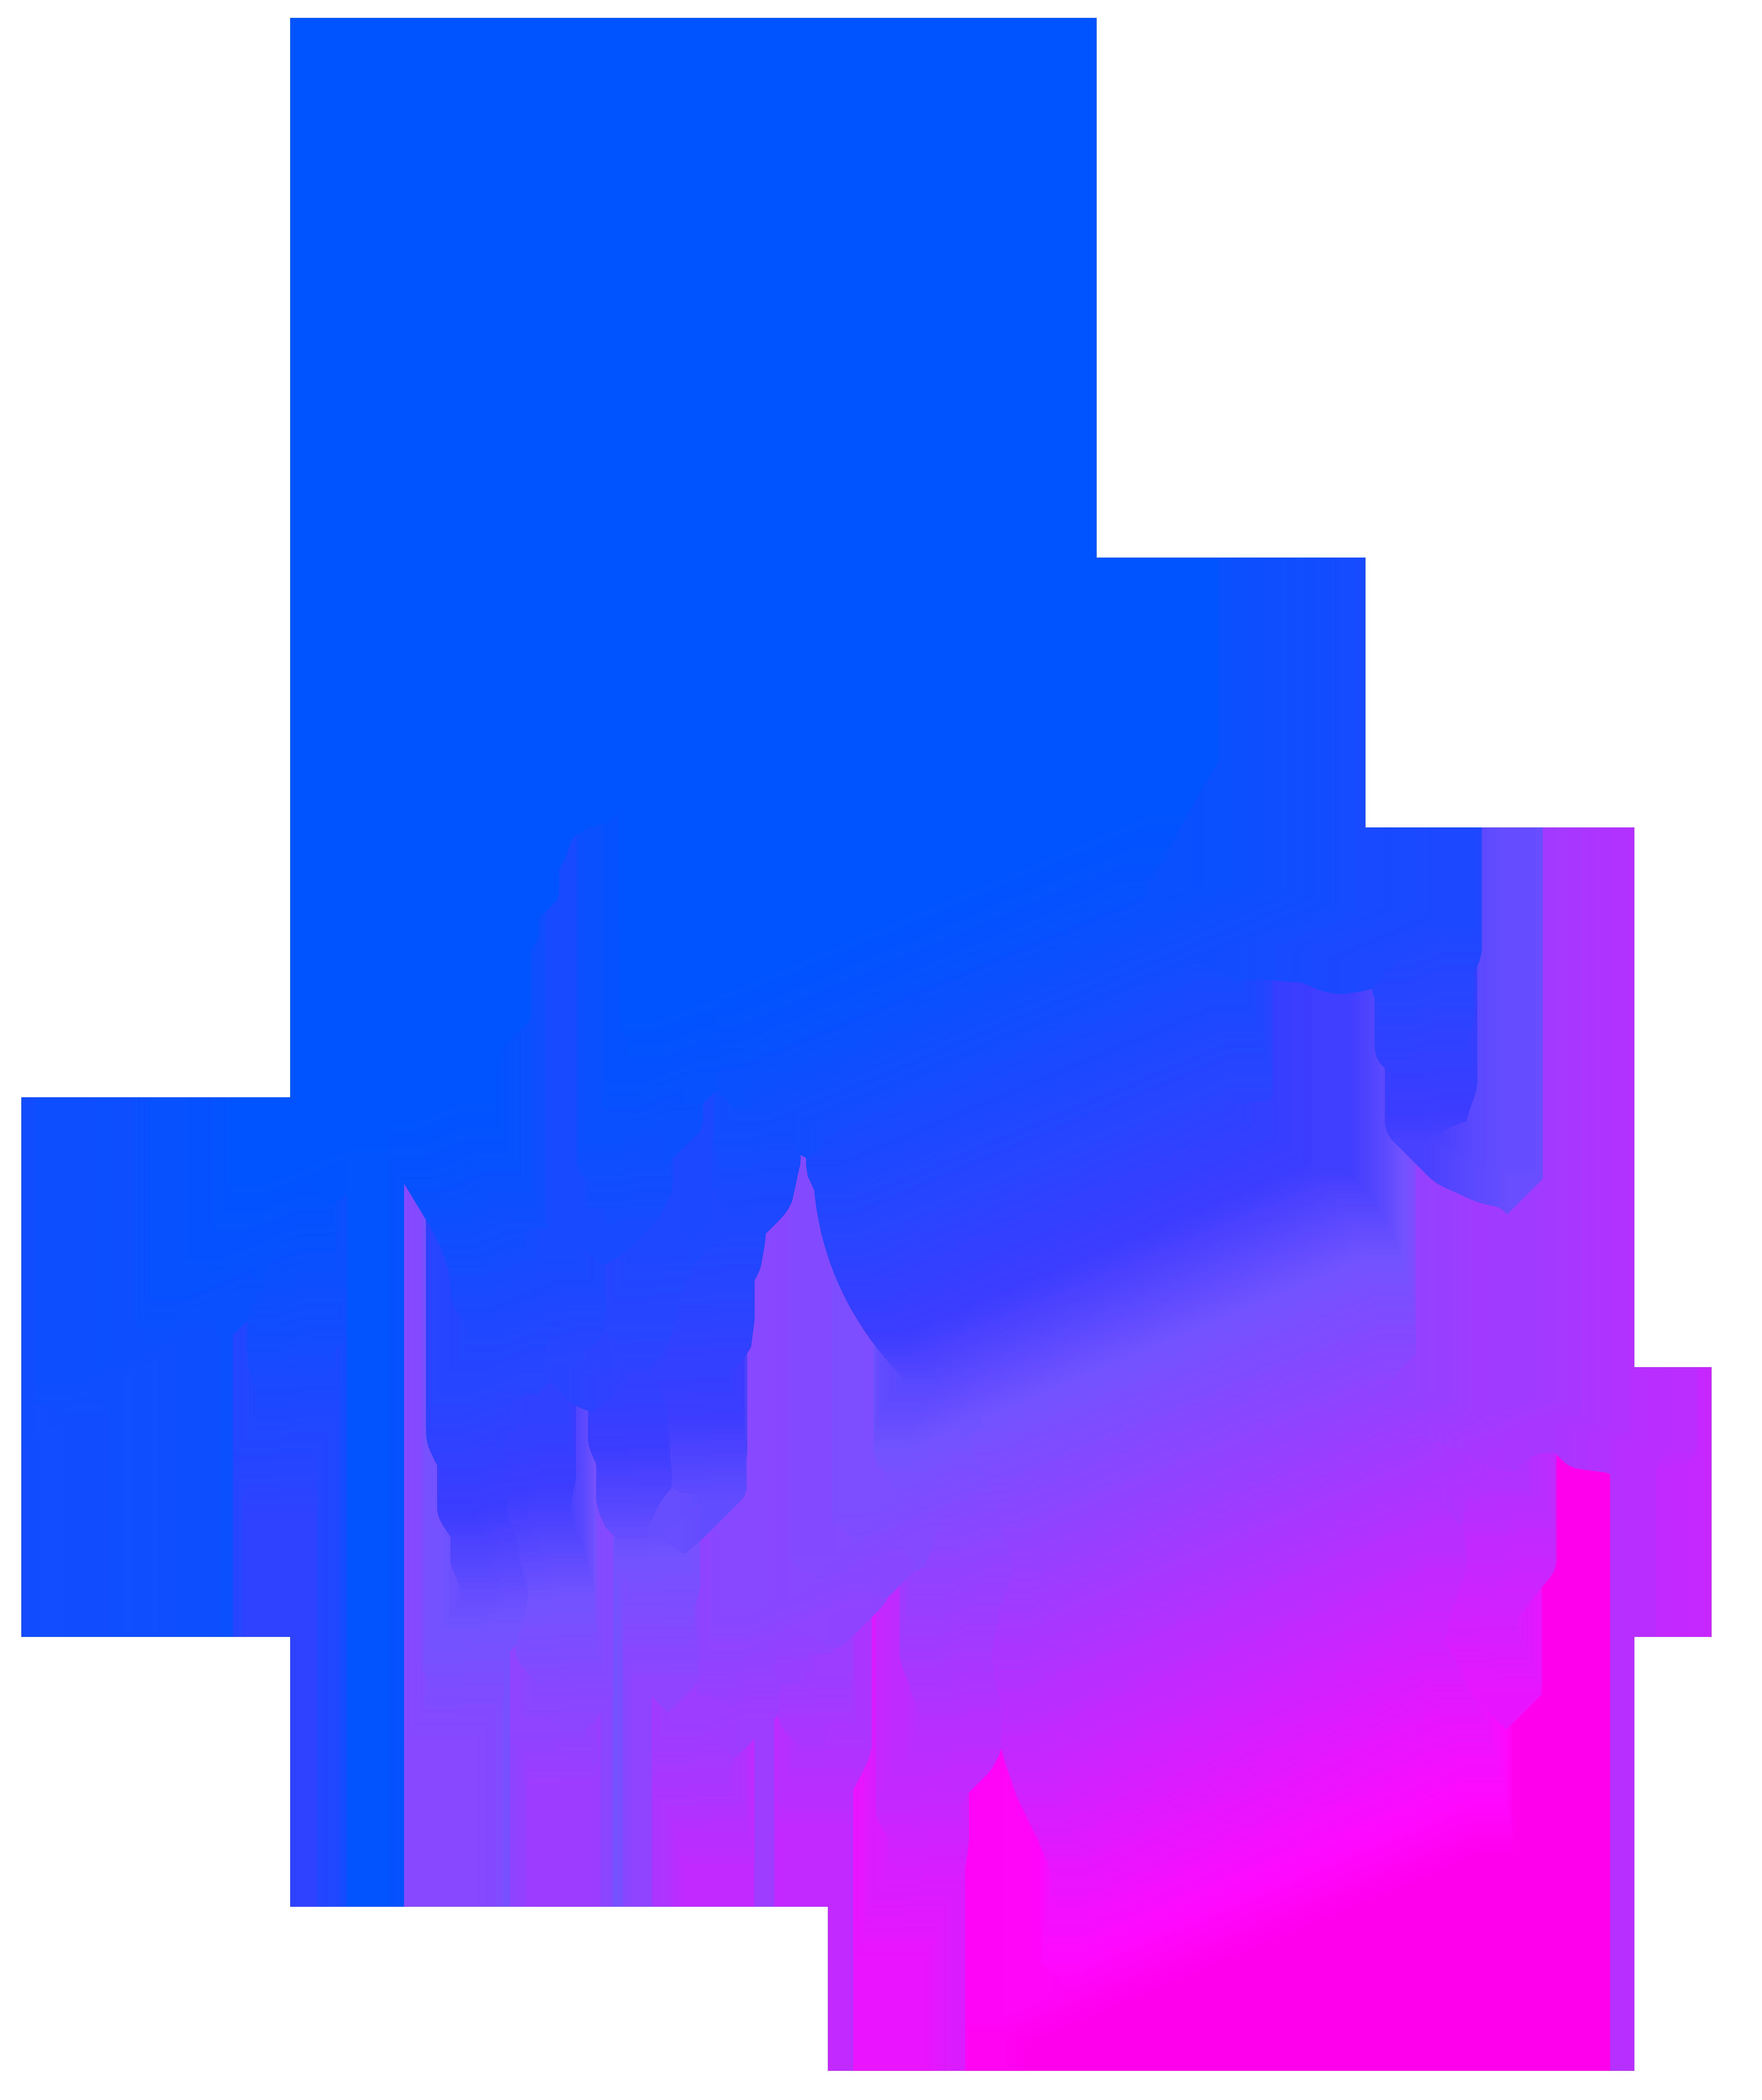 Colorful Lightning PNG Transparent Clip Art Image.